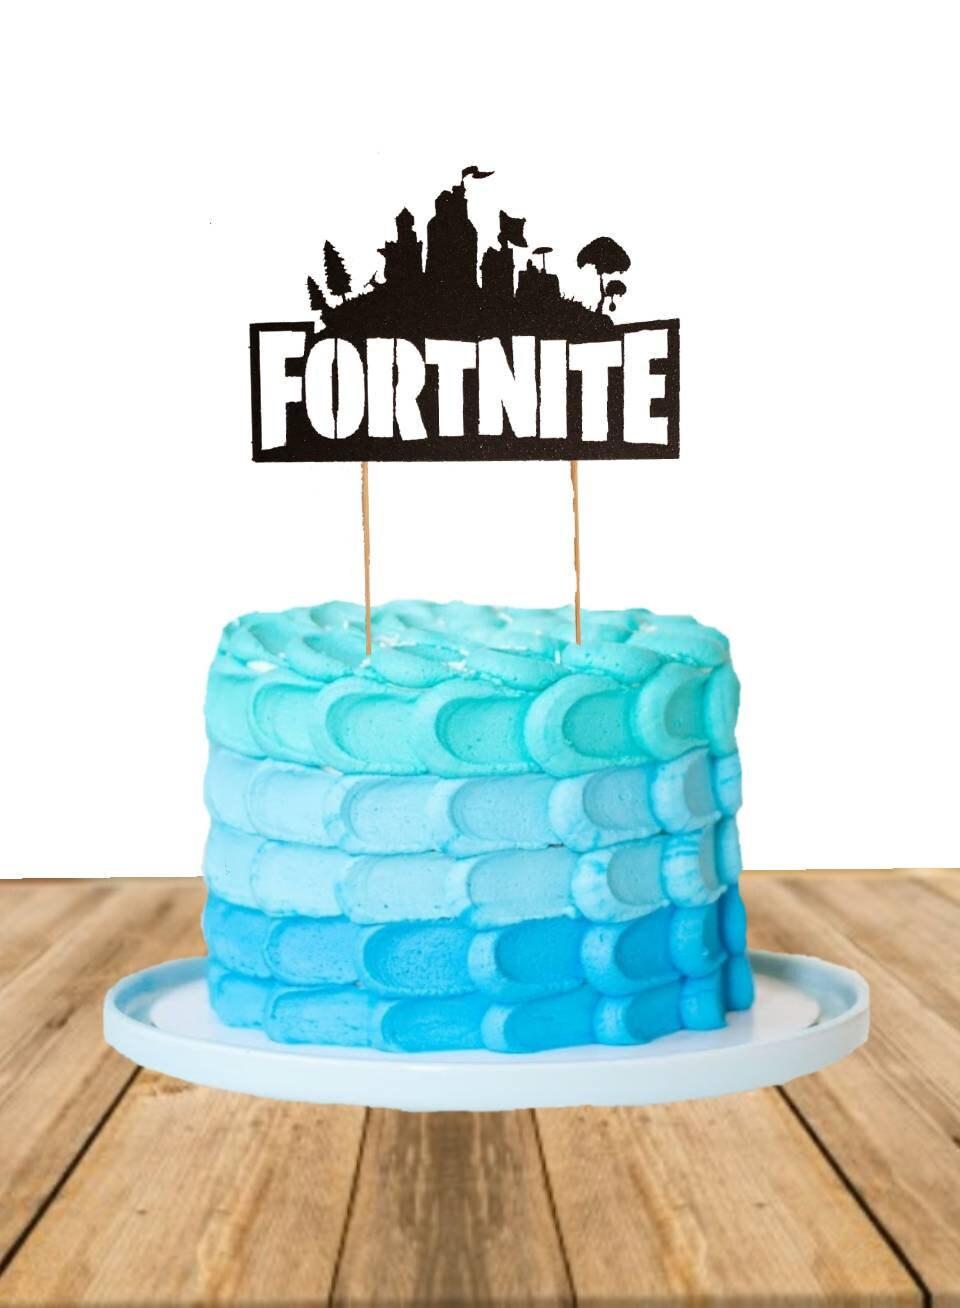 Fortnite Cake Topper Fortnite floss birthday cake topper ...